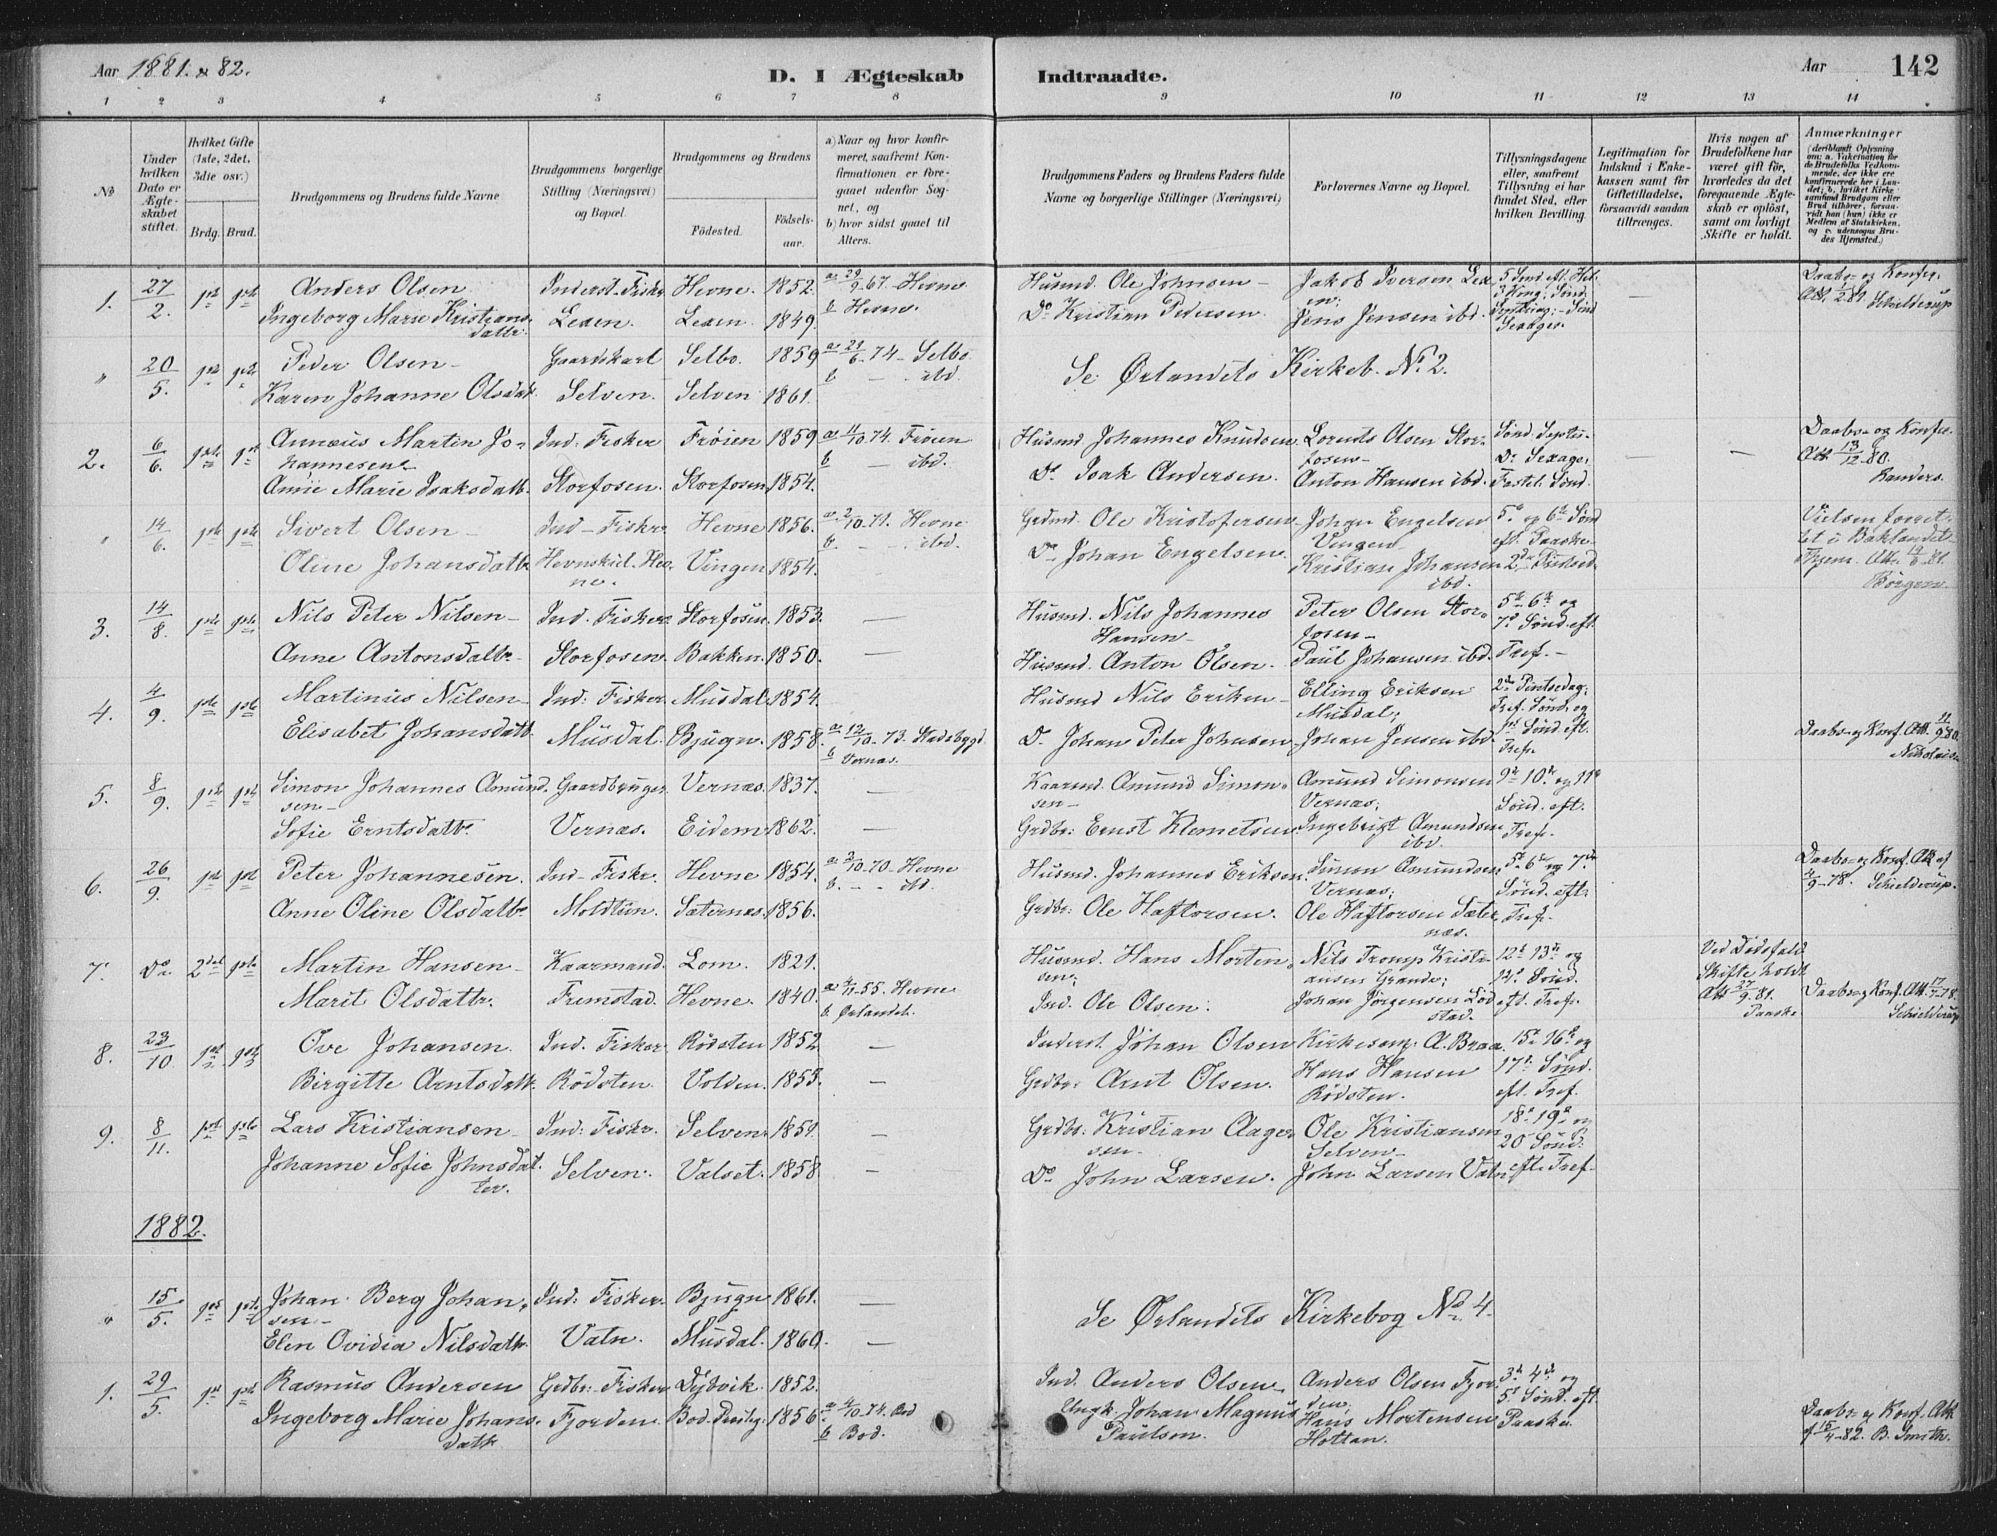 SAT, Ministerialprotokoller, klokkerbøker og fødselsregistre - Sør-Trøndelag, 662/L0755: Ministerialbok nr. 662A01, 1879-1905, s. 142